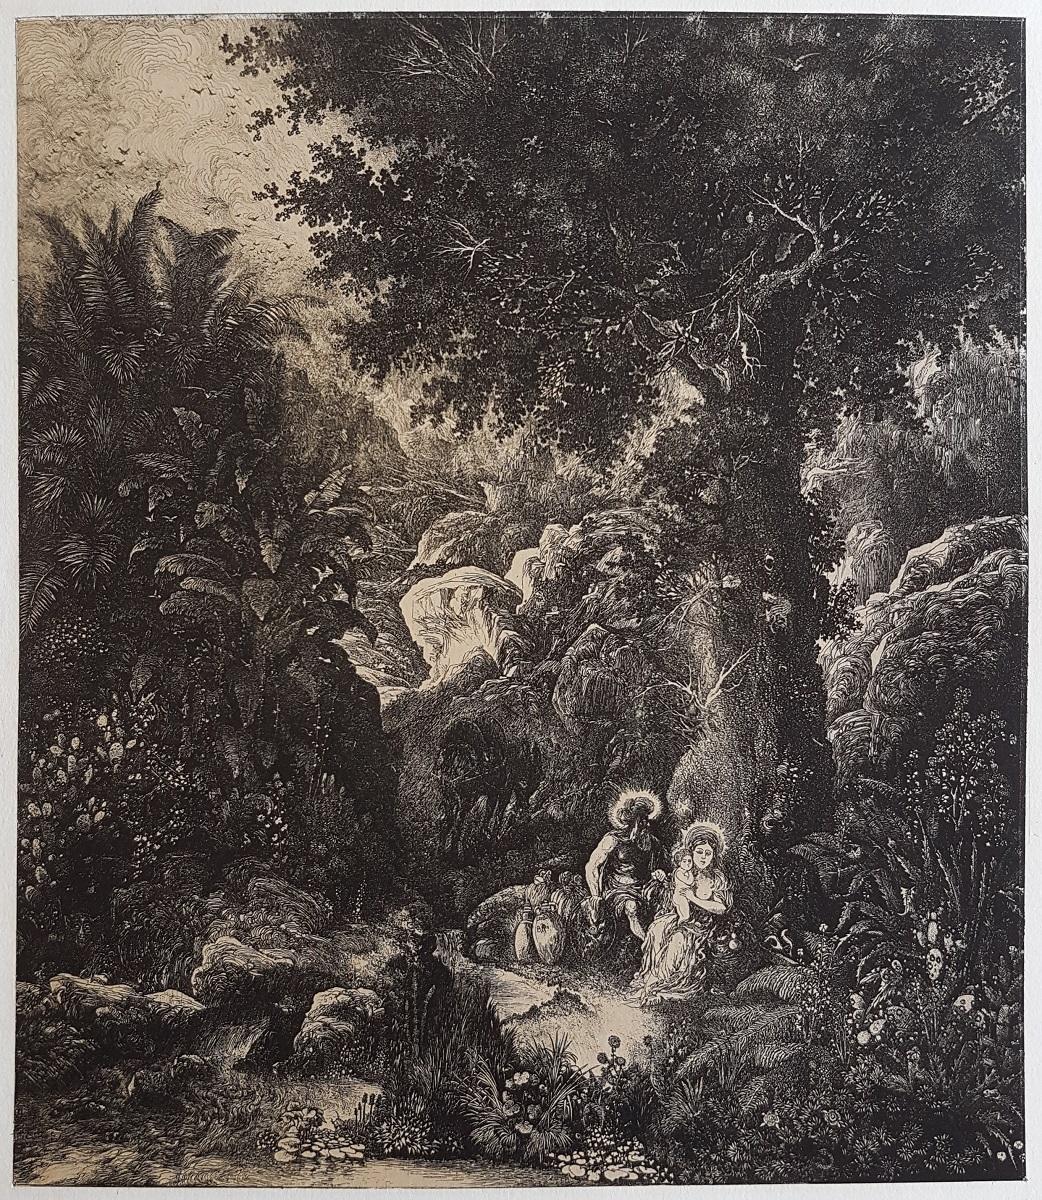 Rodolphe BRESDIN (1822-1885) - Le Repos en Égypte à l'âne bâté - 1871 - Report sur pierre de l'eau-forte